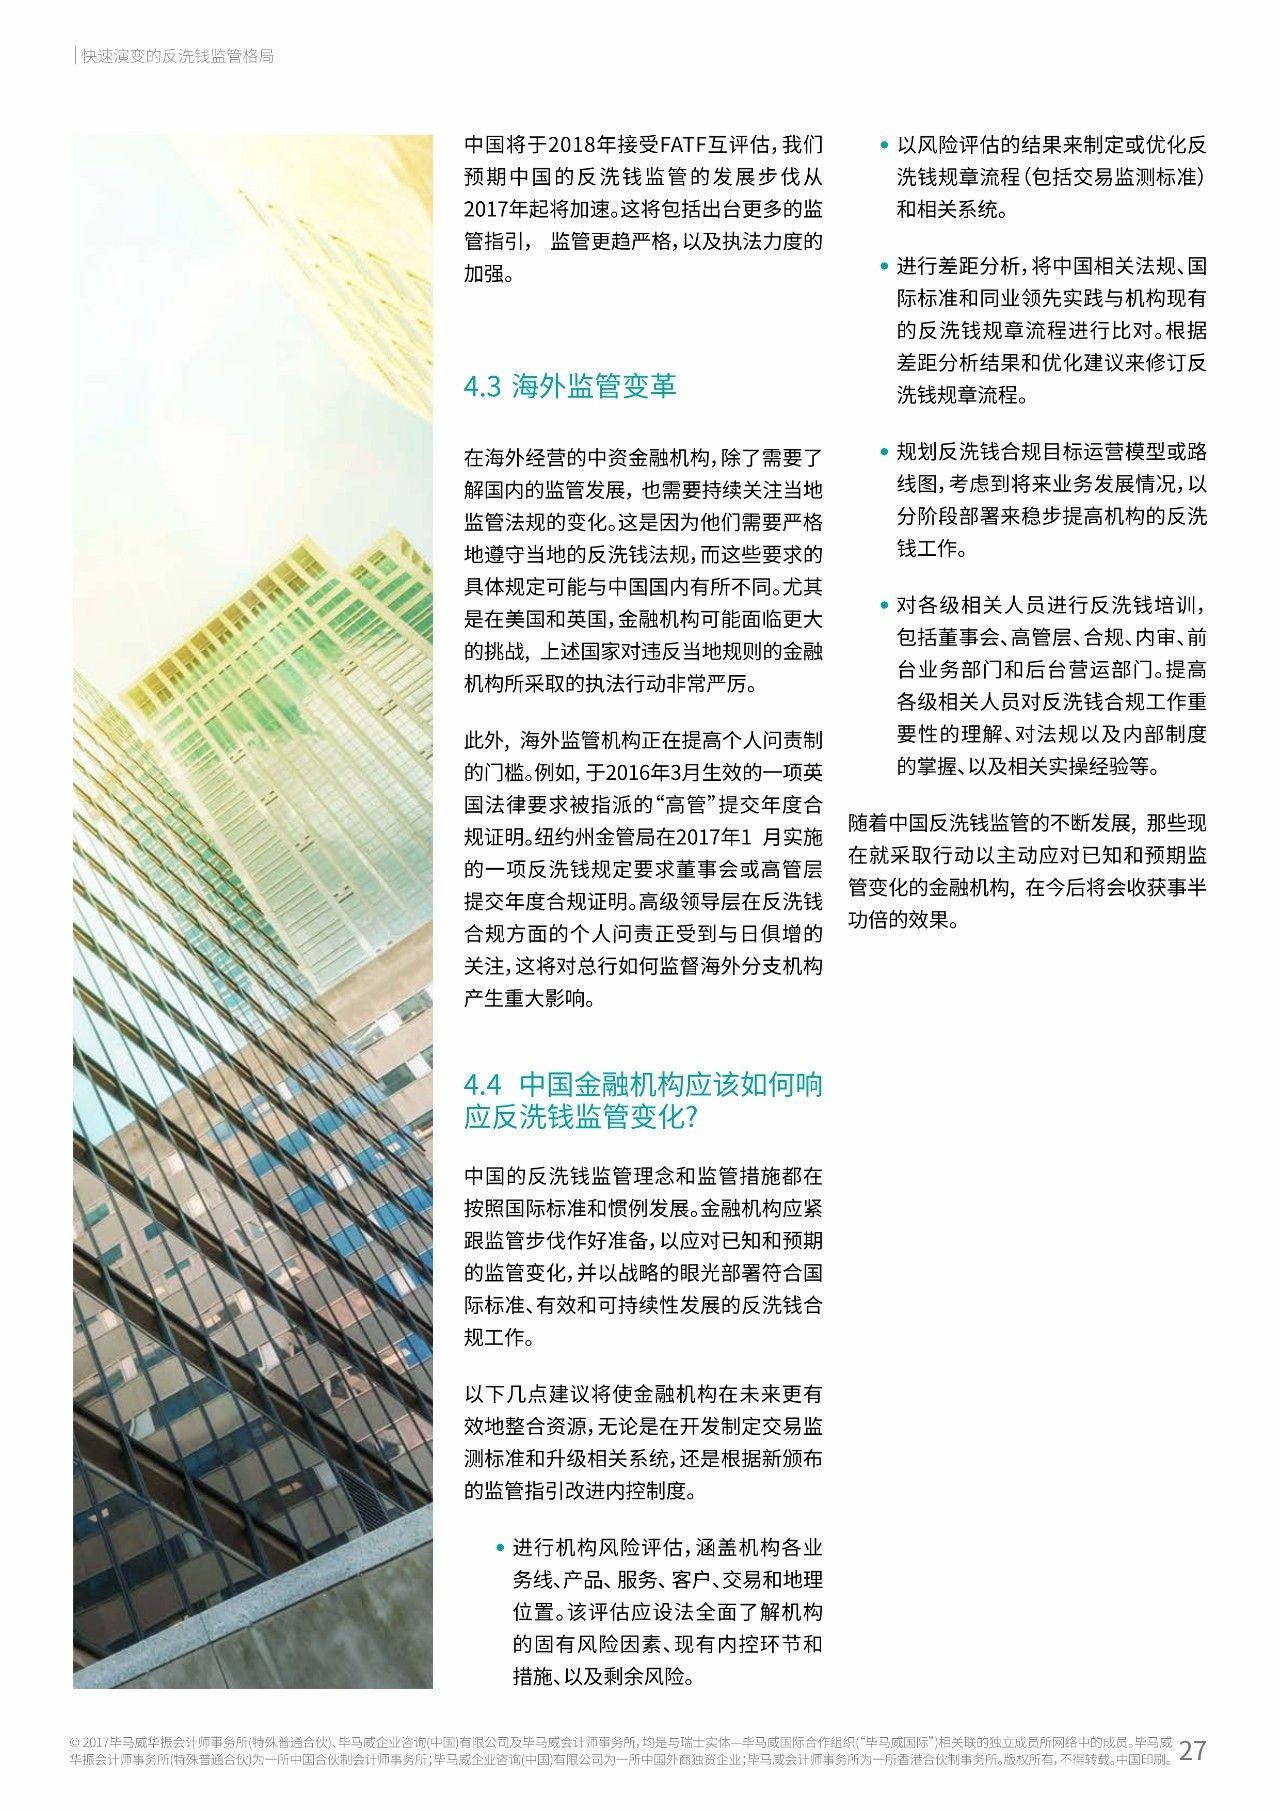 2018年法律服务行业市场竞争格局与发展趋势分析 外资律所具有竞争优势